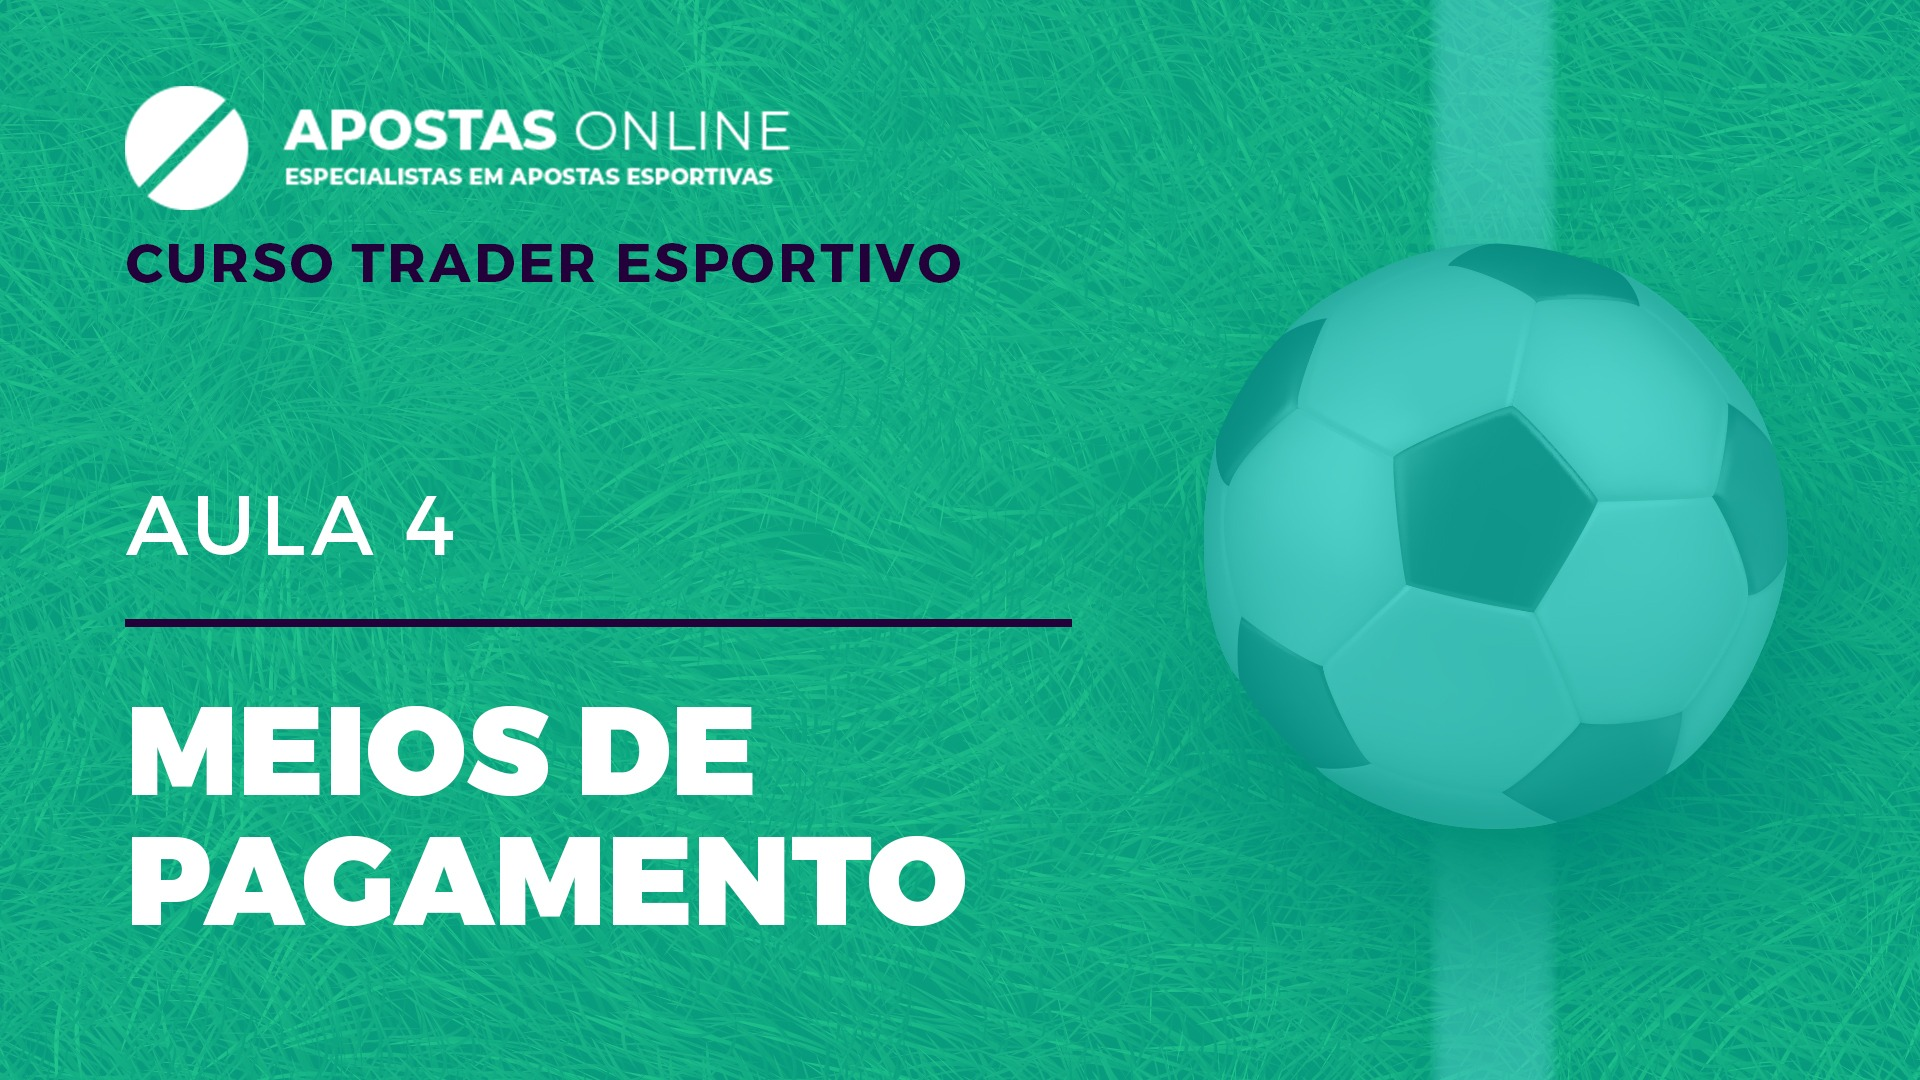 Curso Trader Esportivo: Meios de pagamento | Aula 4